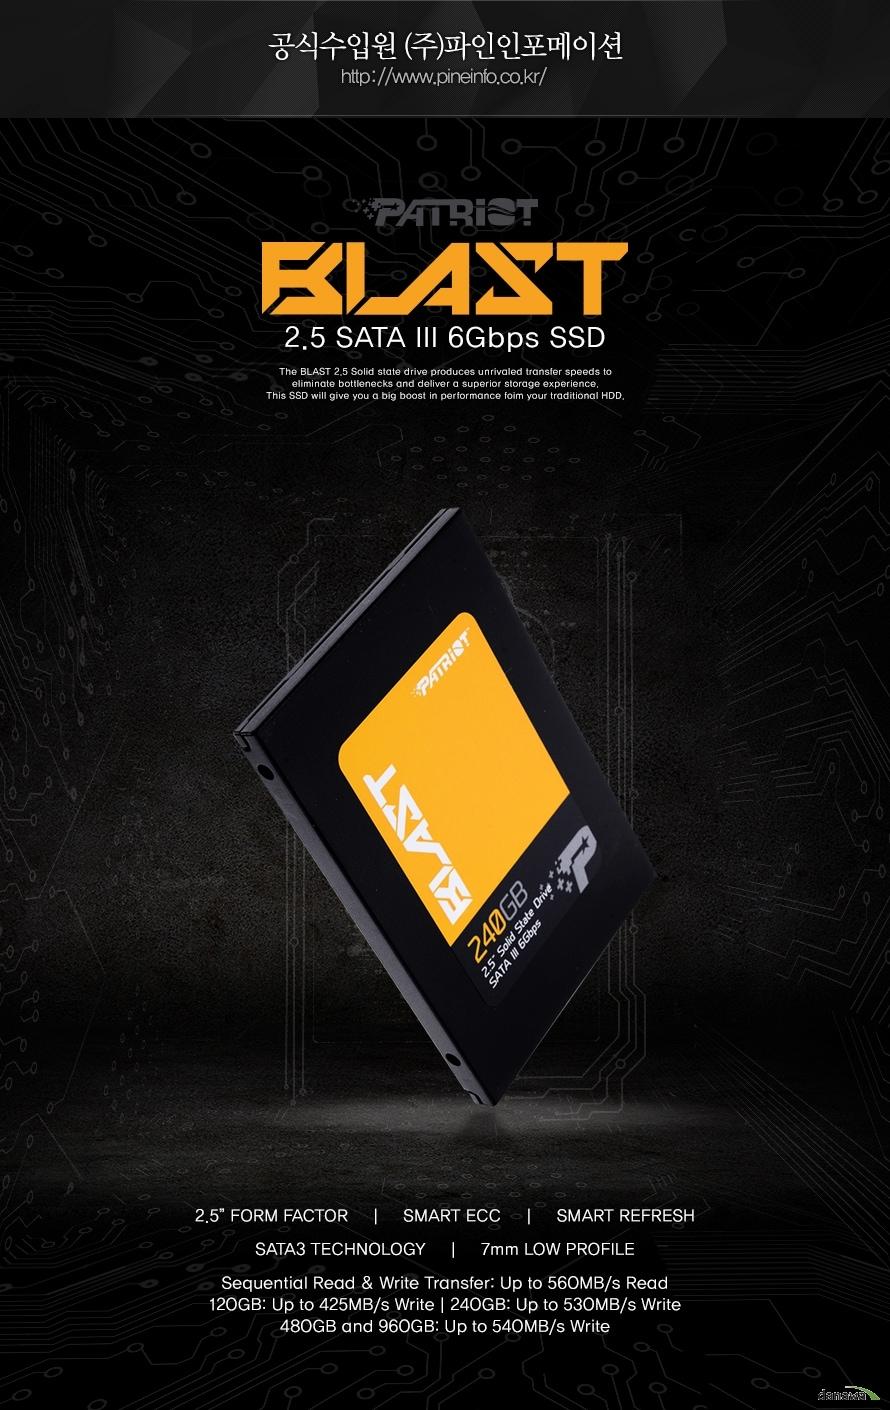 BLAST 2.5 SATA III SSD 상세페이지 시작